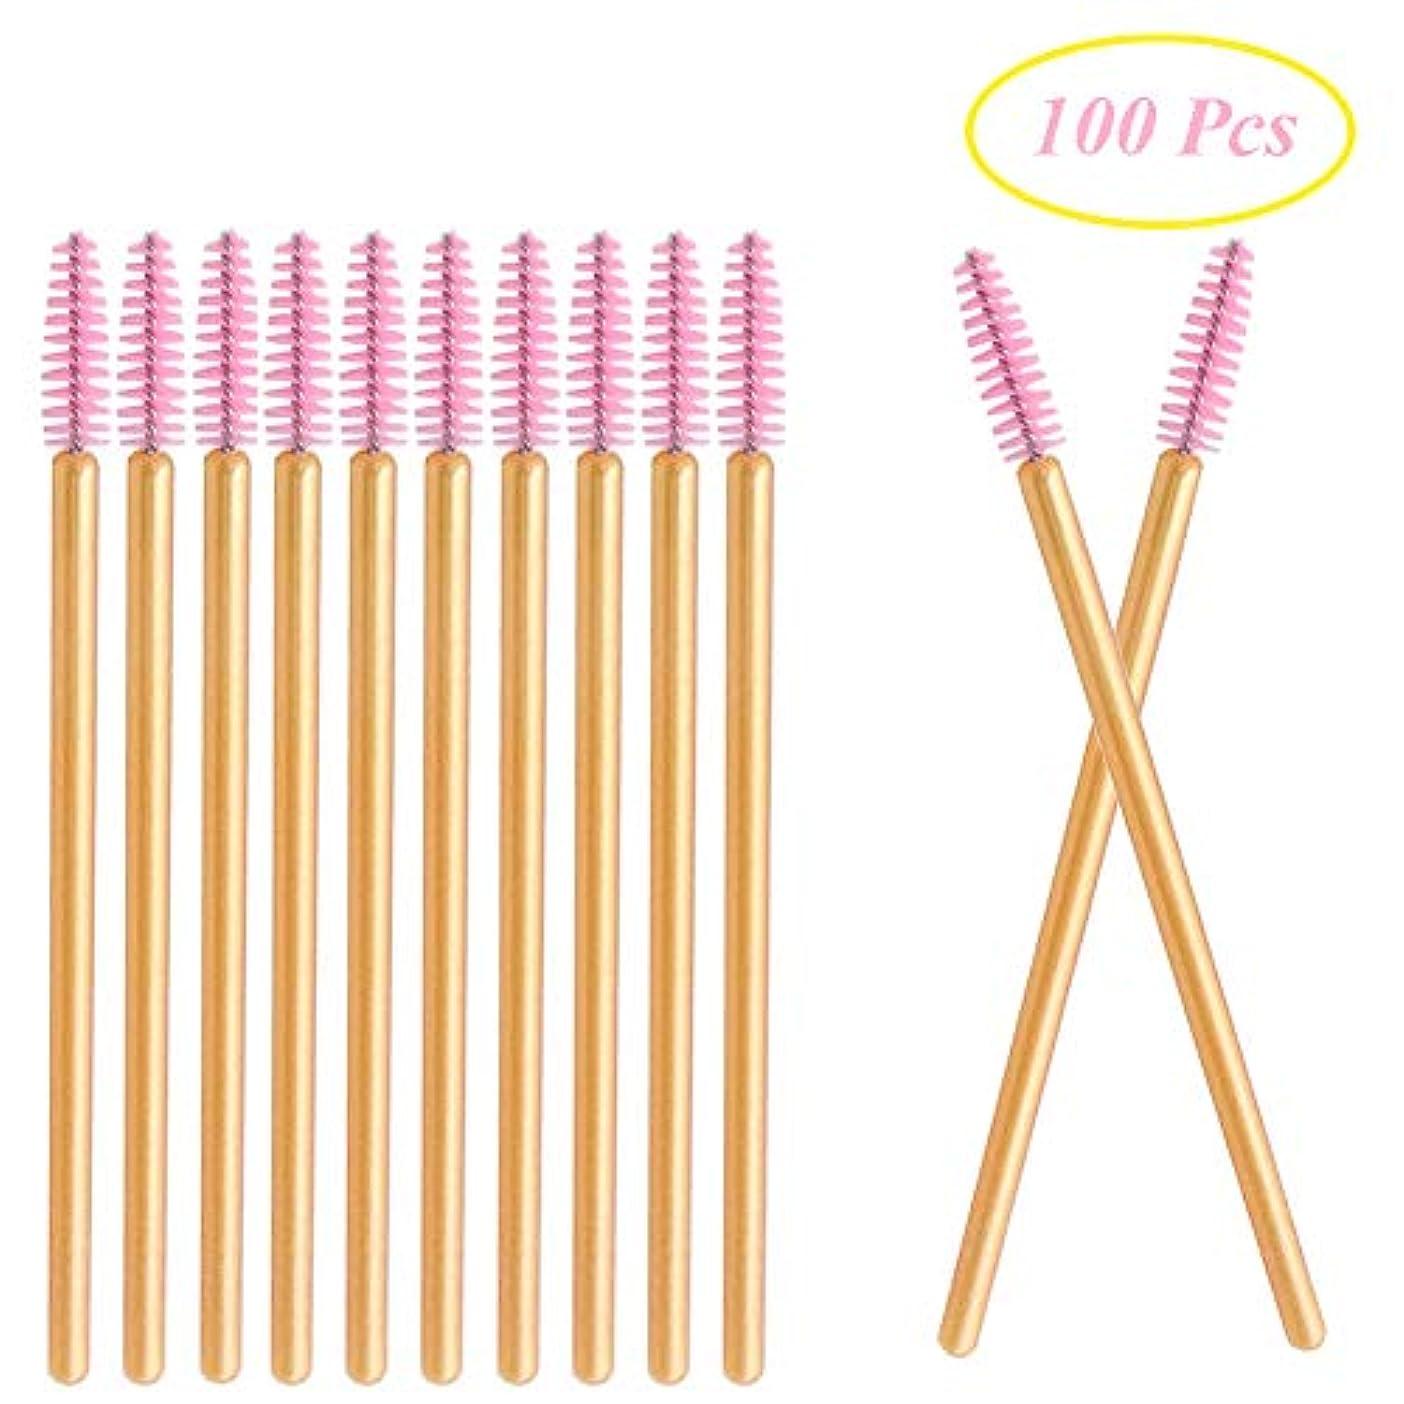 高く受動的理論的Deksias 100本金色の竿まつげブラシ 使い捨て スクリューブラシ マスカラブラシ まつげコーム メイクブラシ アイメイク 化粧用品 (ピンク)